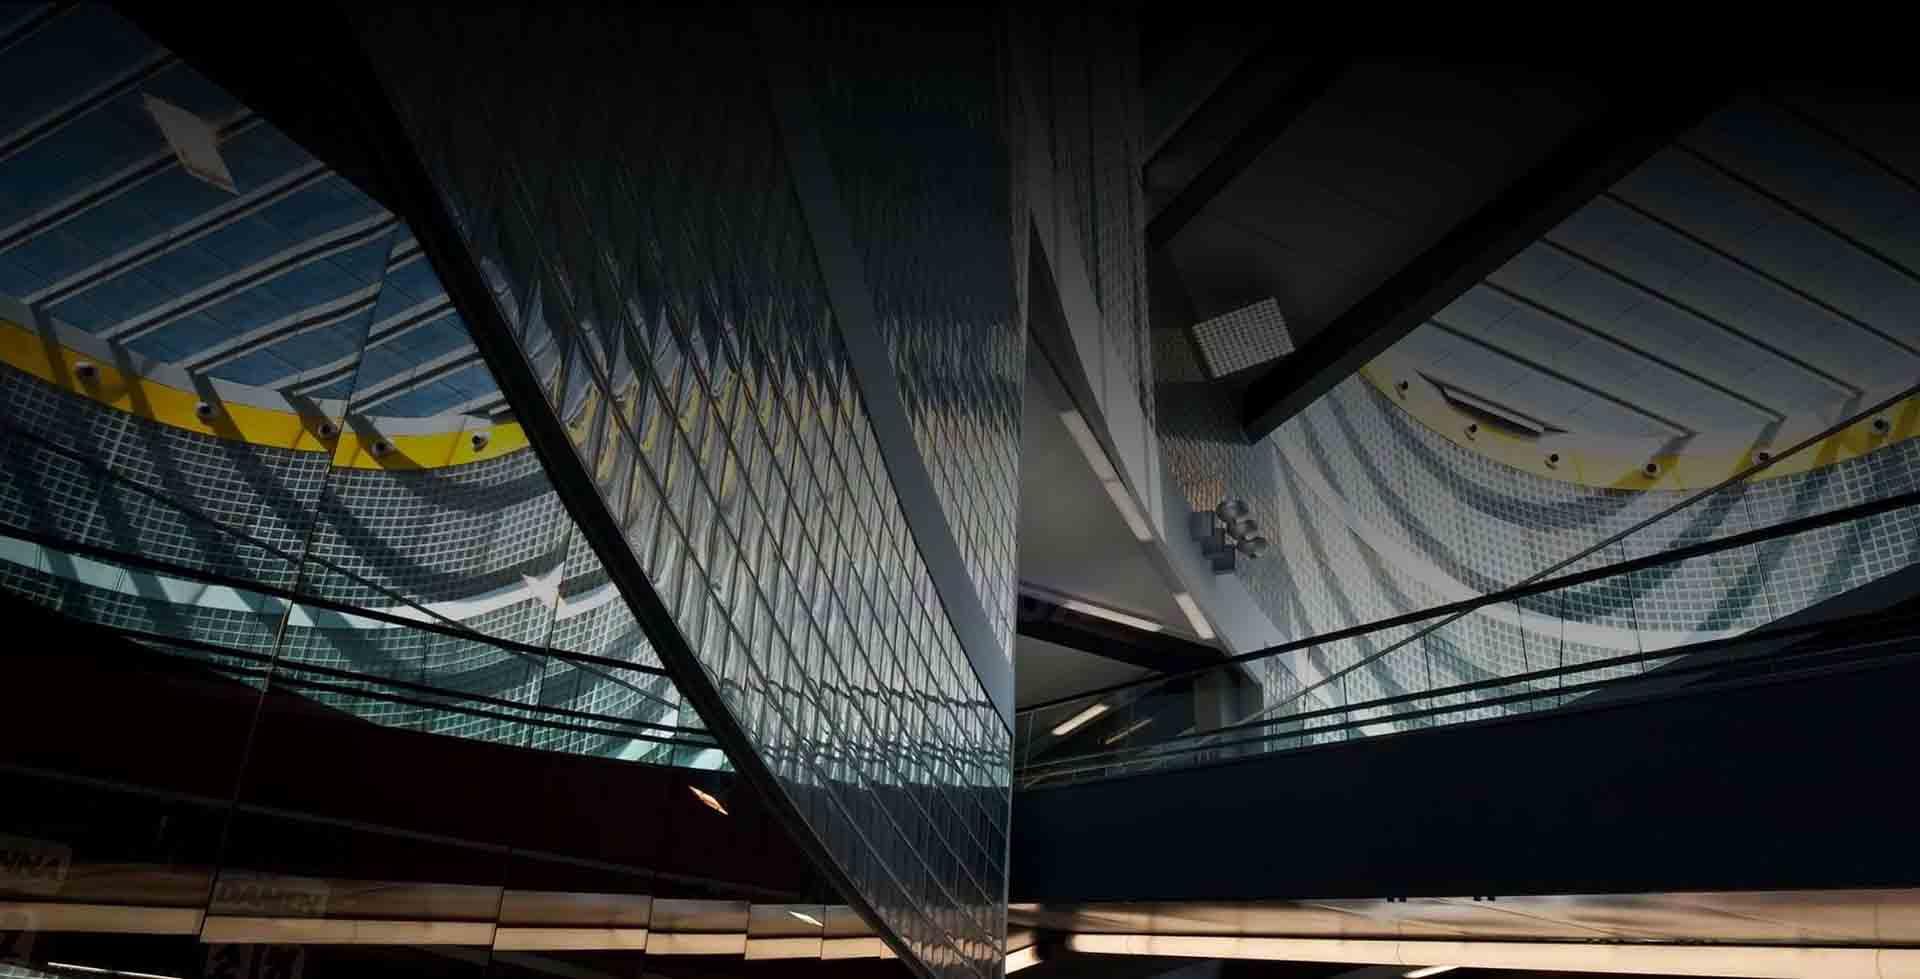 edificio architettonico in mattoni di vetro hermes